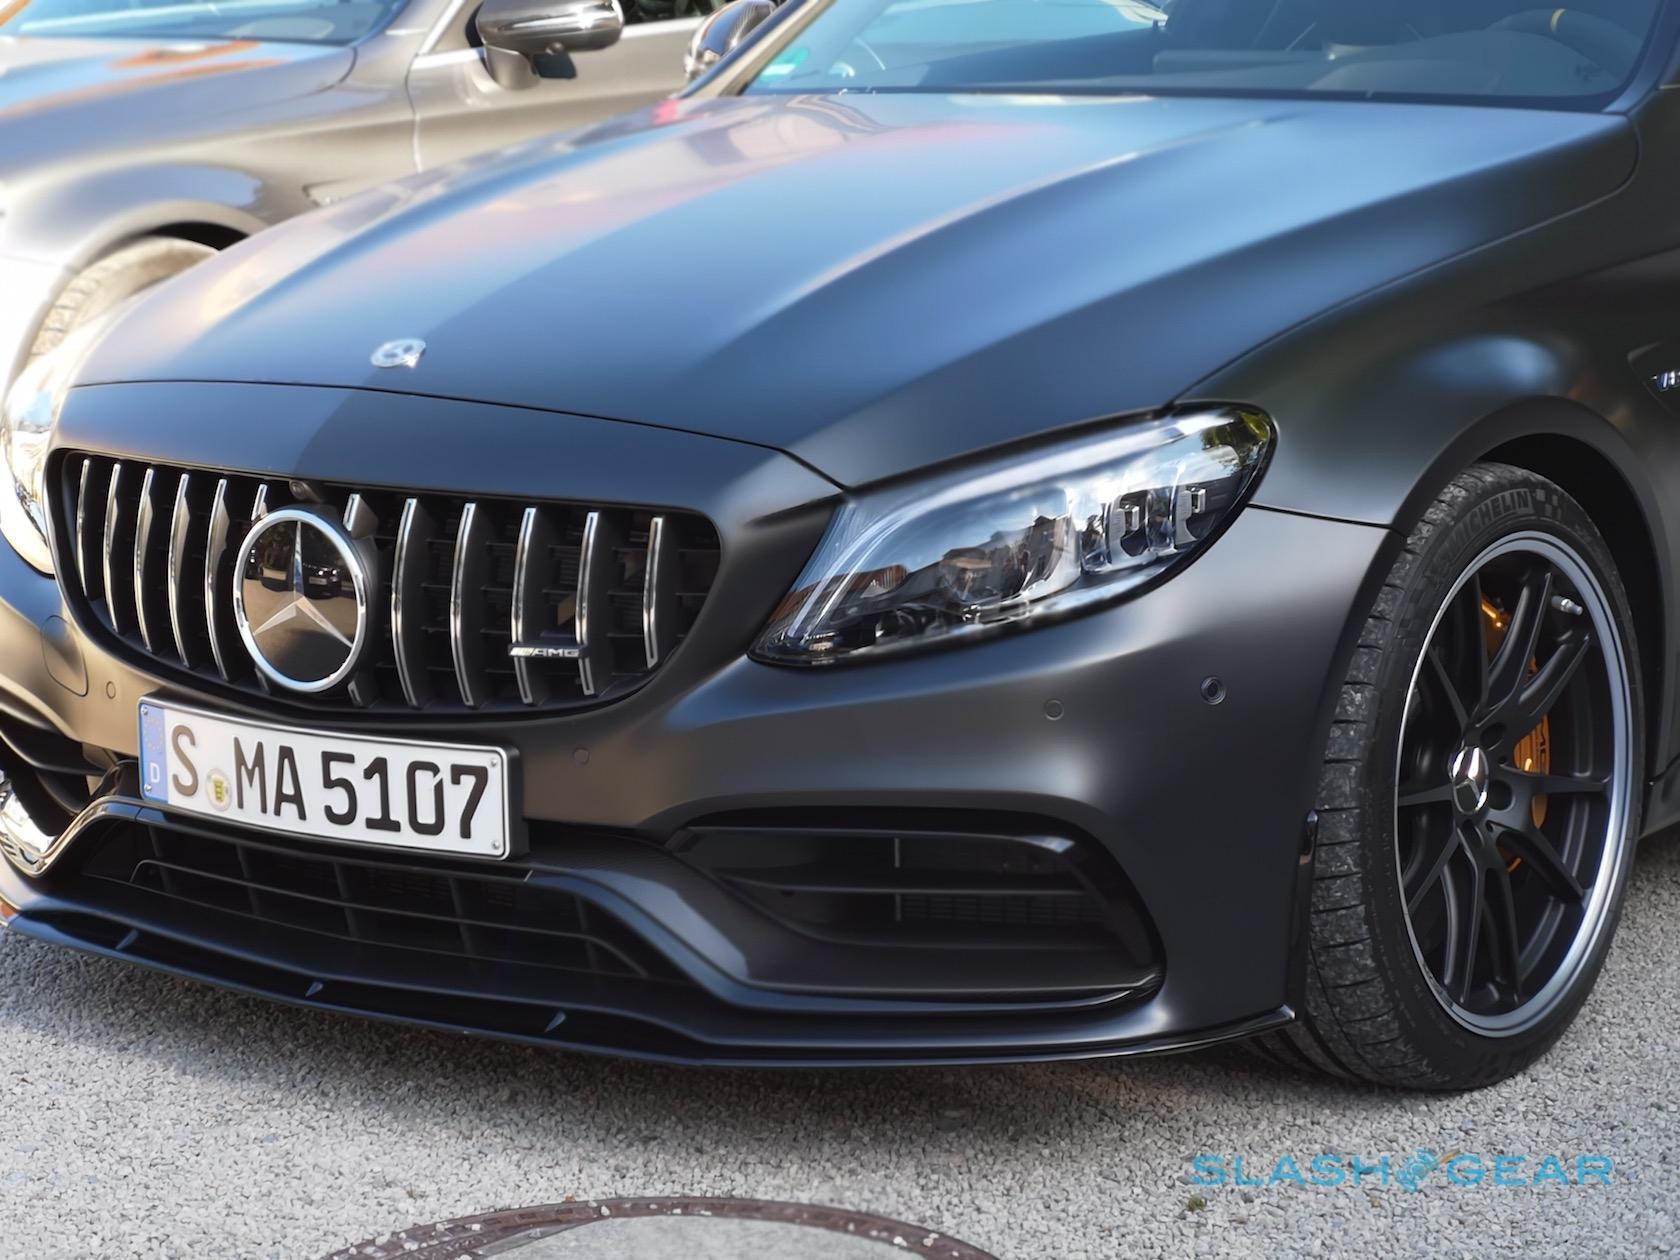 2019 Mercedes Amg C63 S First Drive 503hp Of Raw Emotion Slashgear